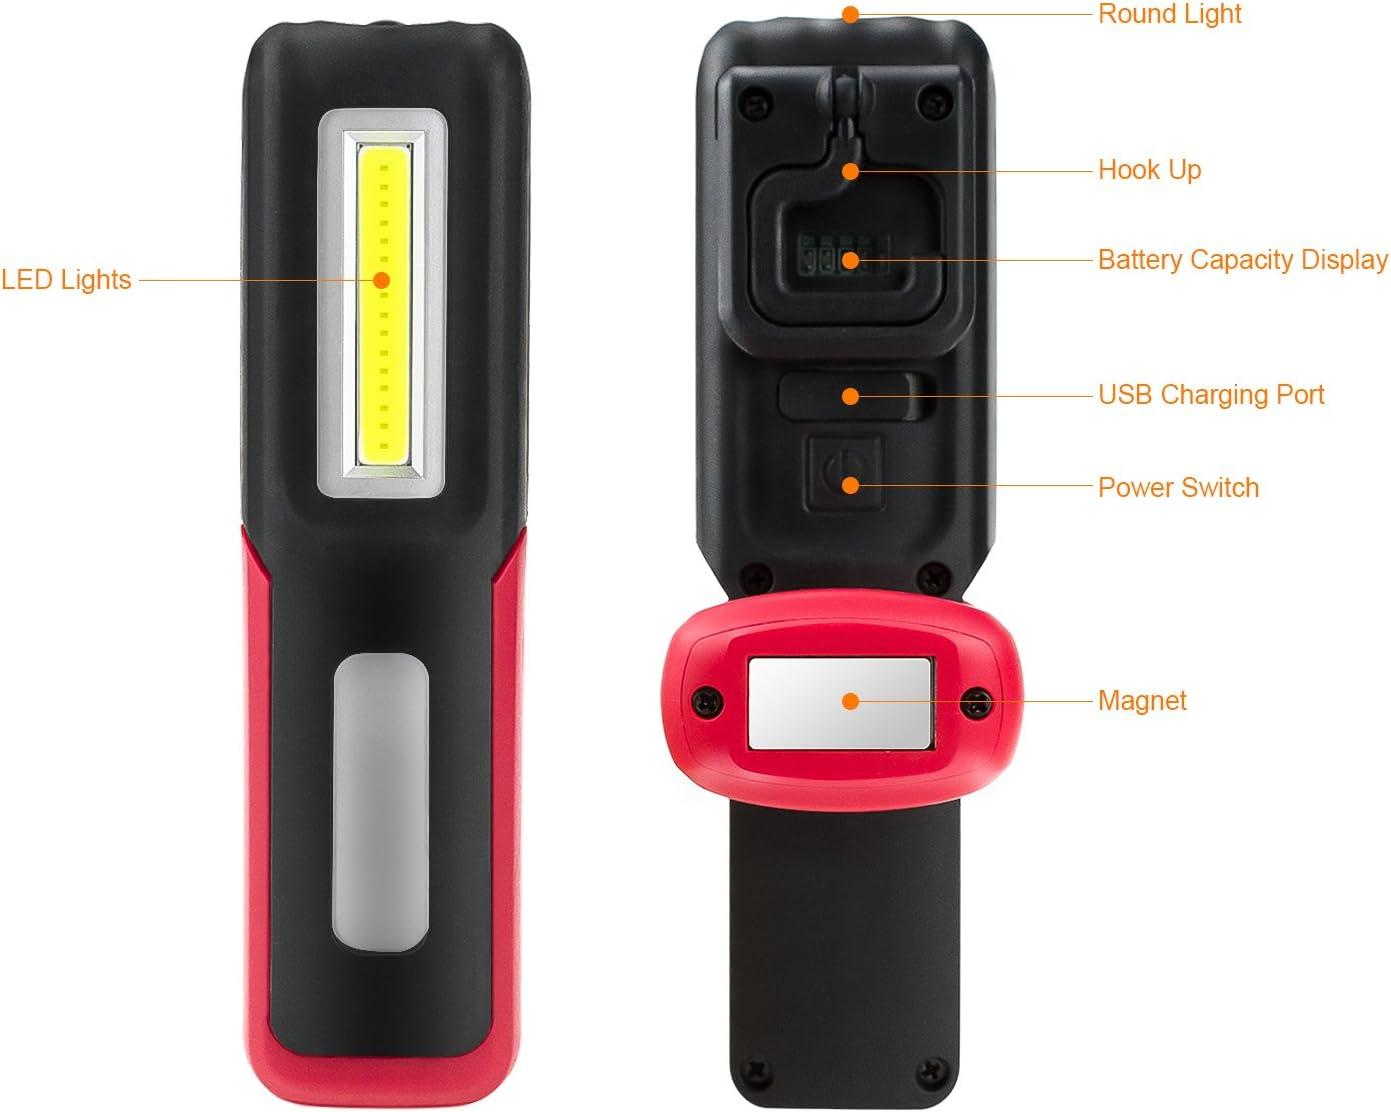 portable magnétique maison pendaison camping voiture 24 LED pratique lampe // torche